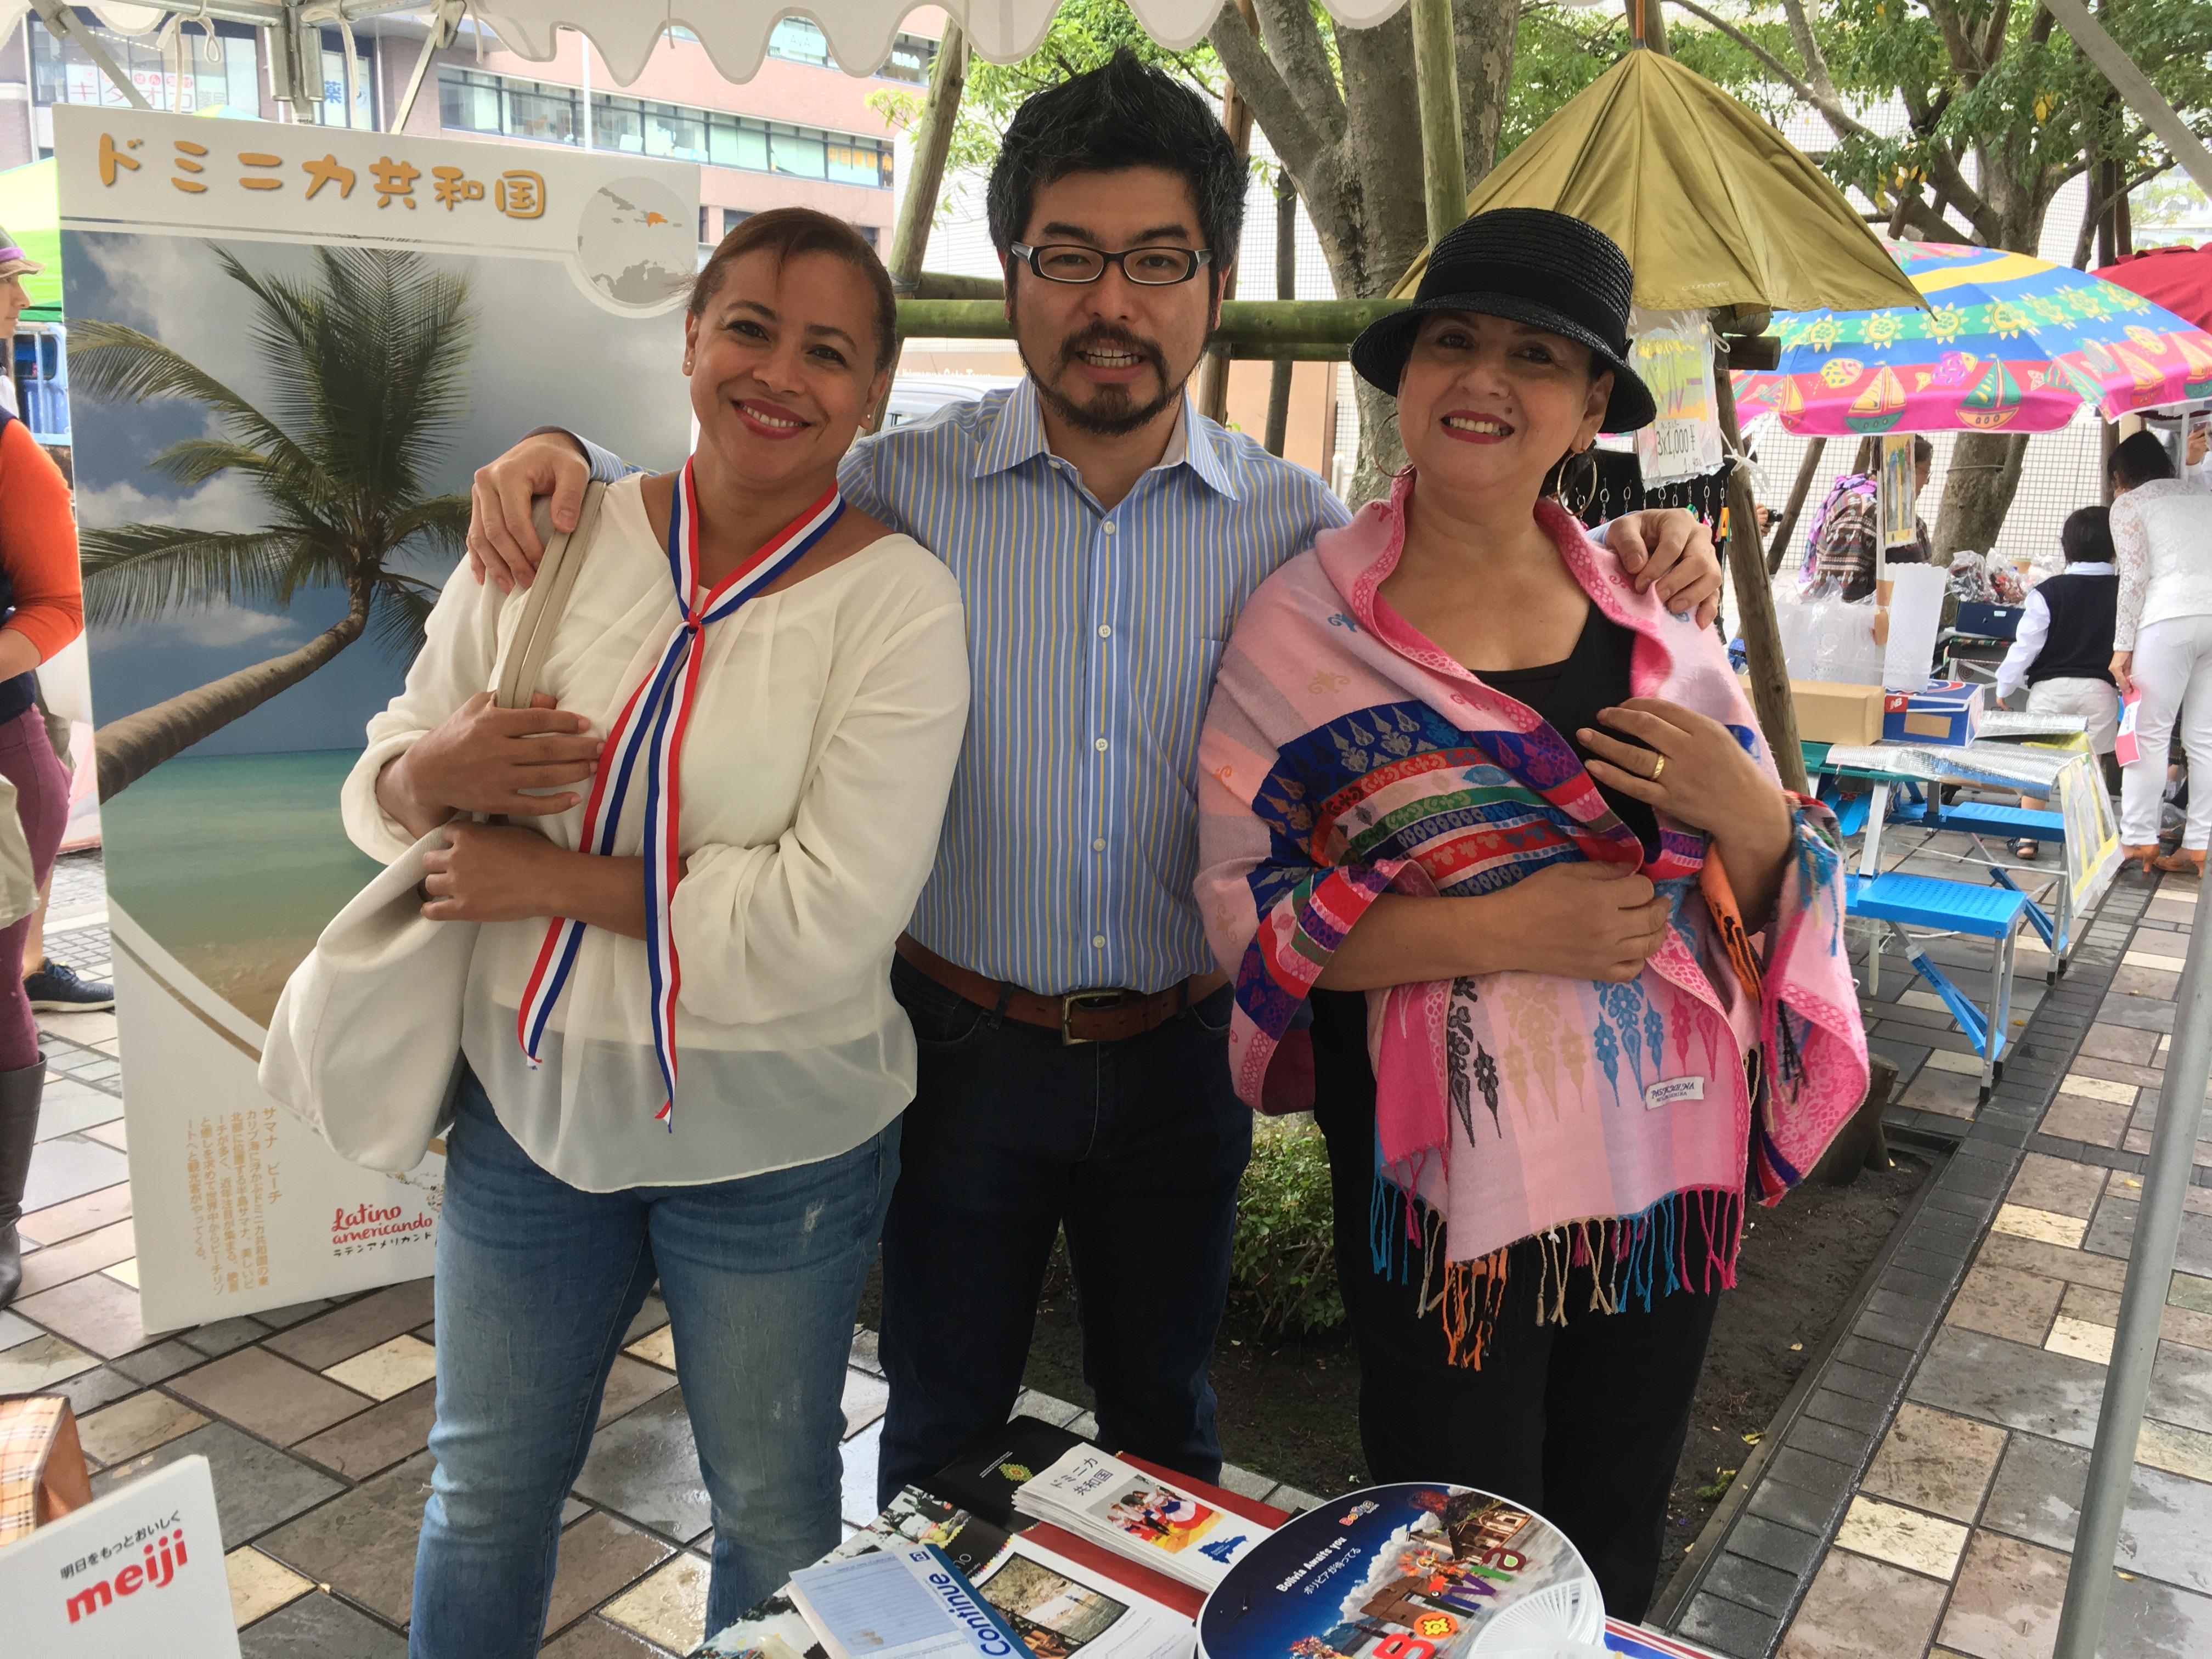 第一回エンパナーダフェスティバルが無事開催されました! (Se realizó la primera fiesta de las empanadas latinoamericanas)